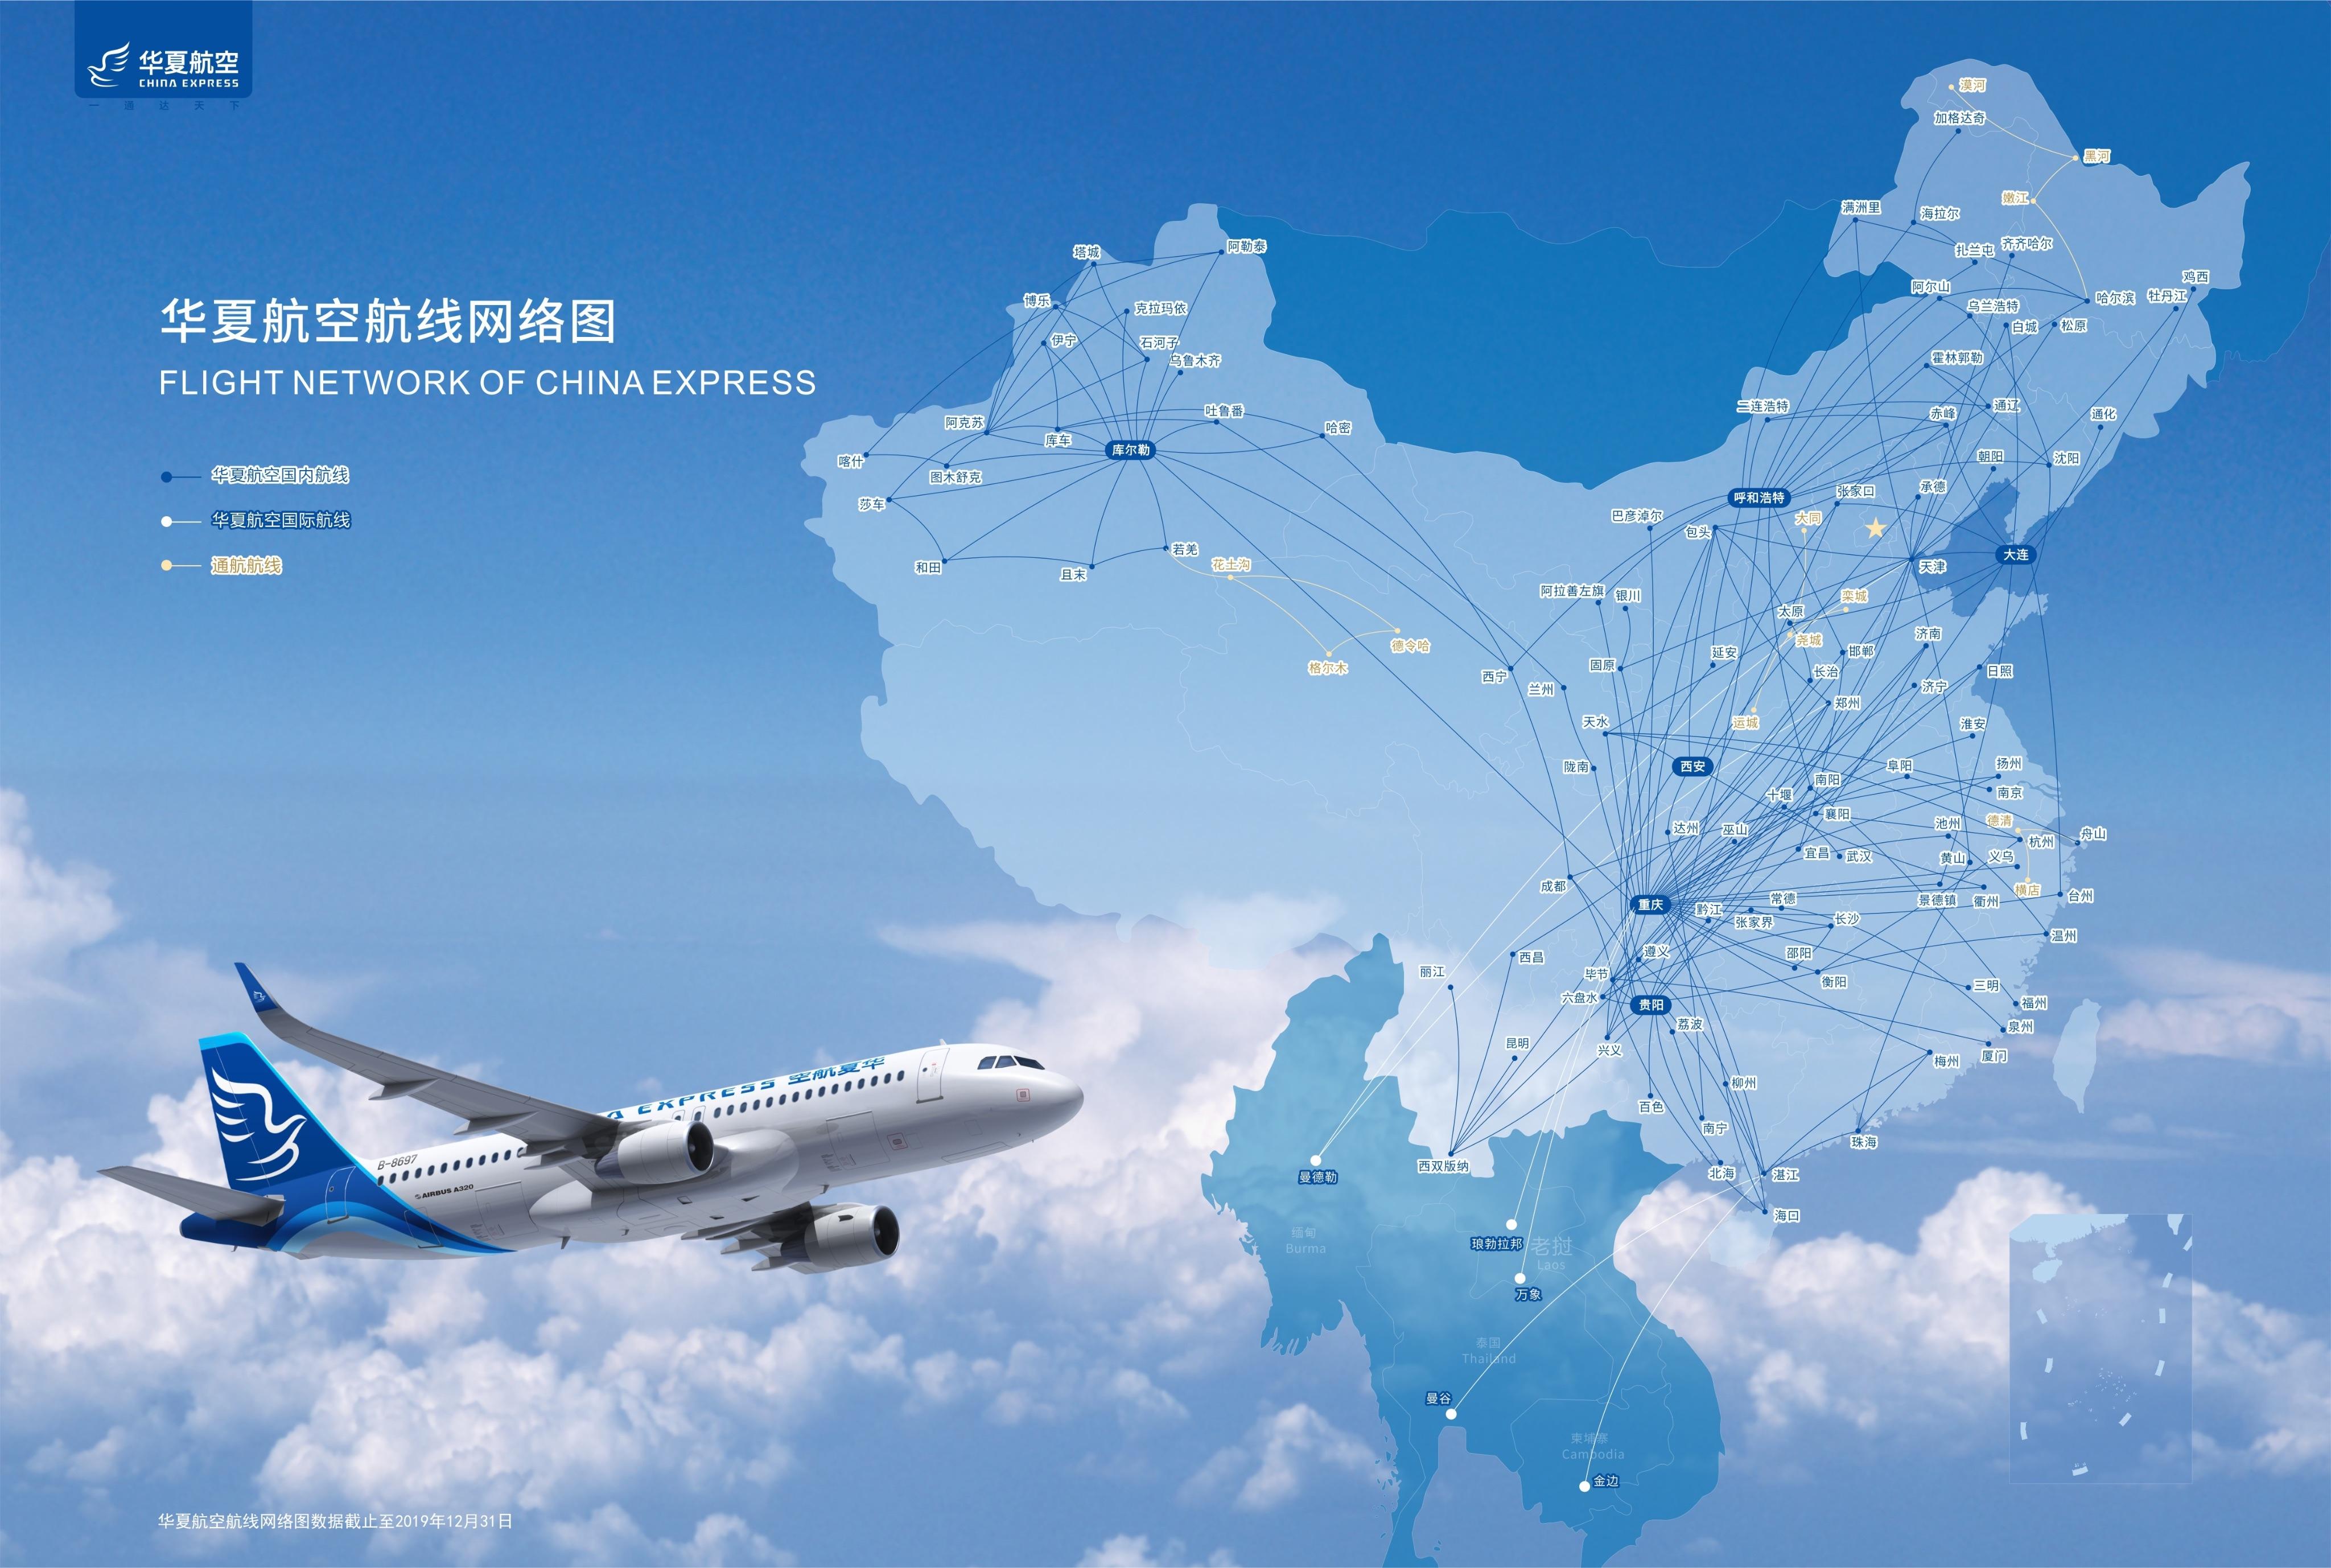 华夏航空航线网络图